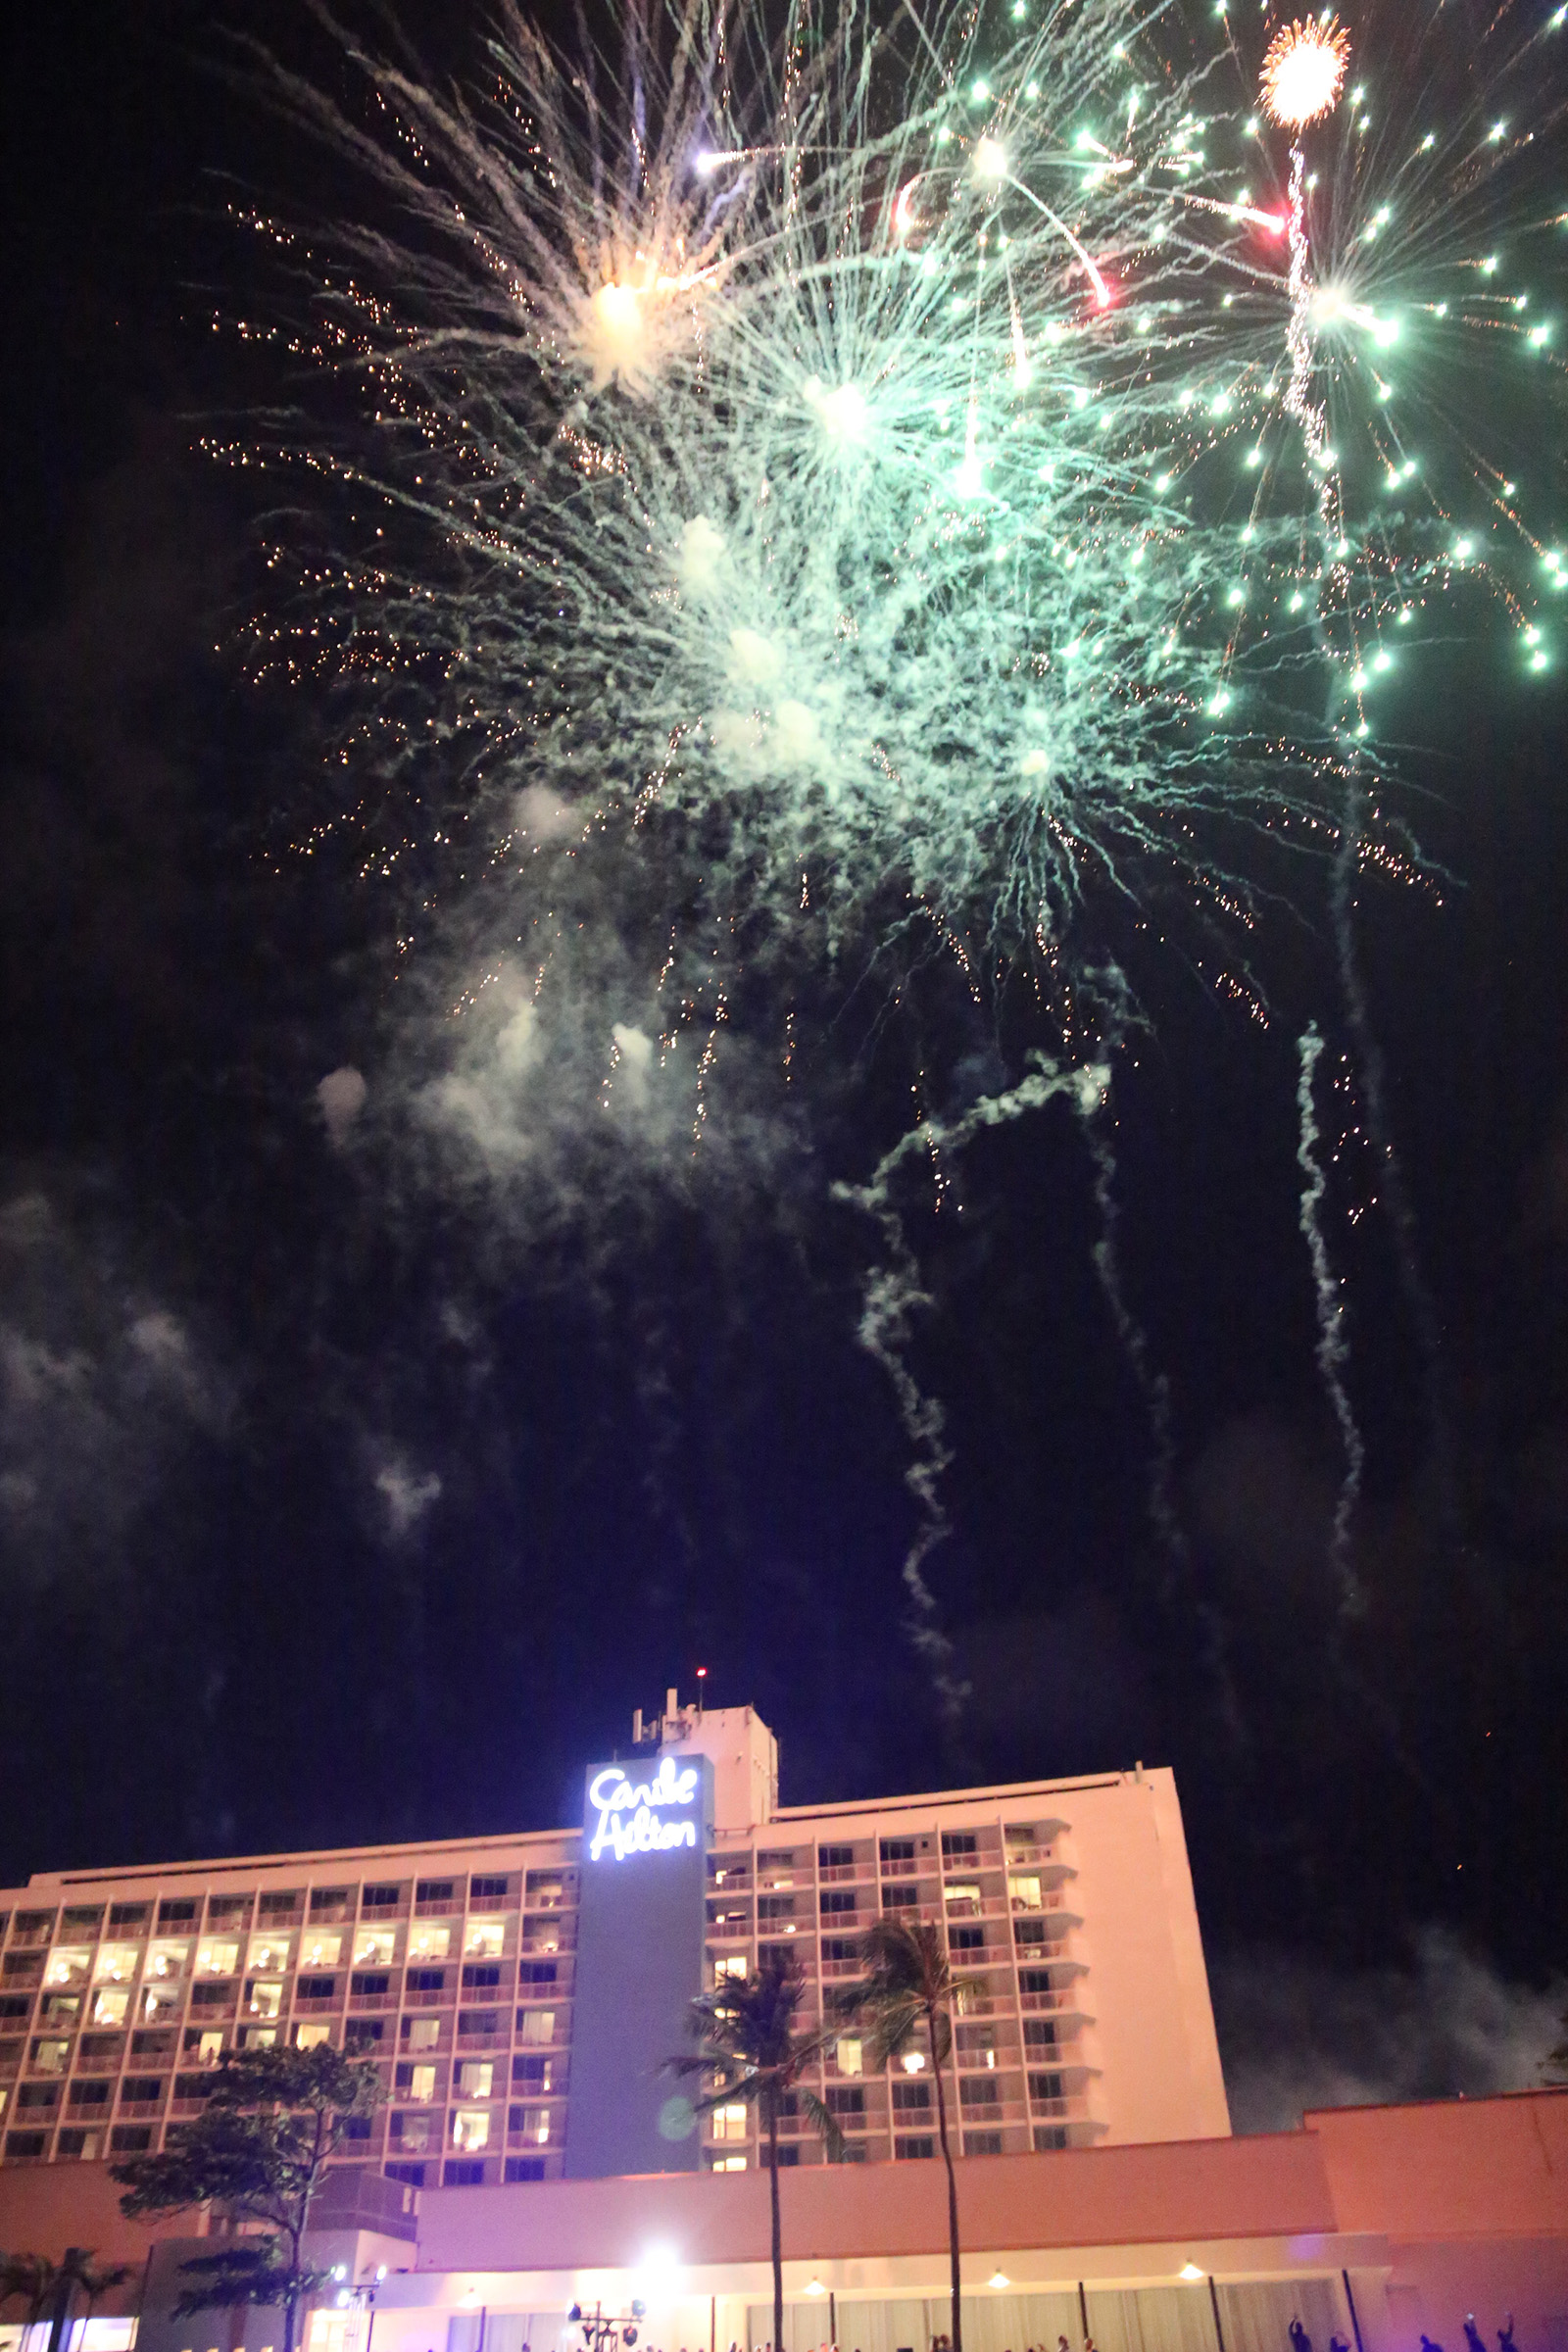 La noche culminó con fuegos artificiales.